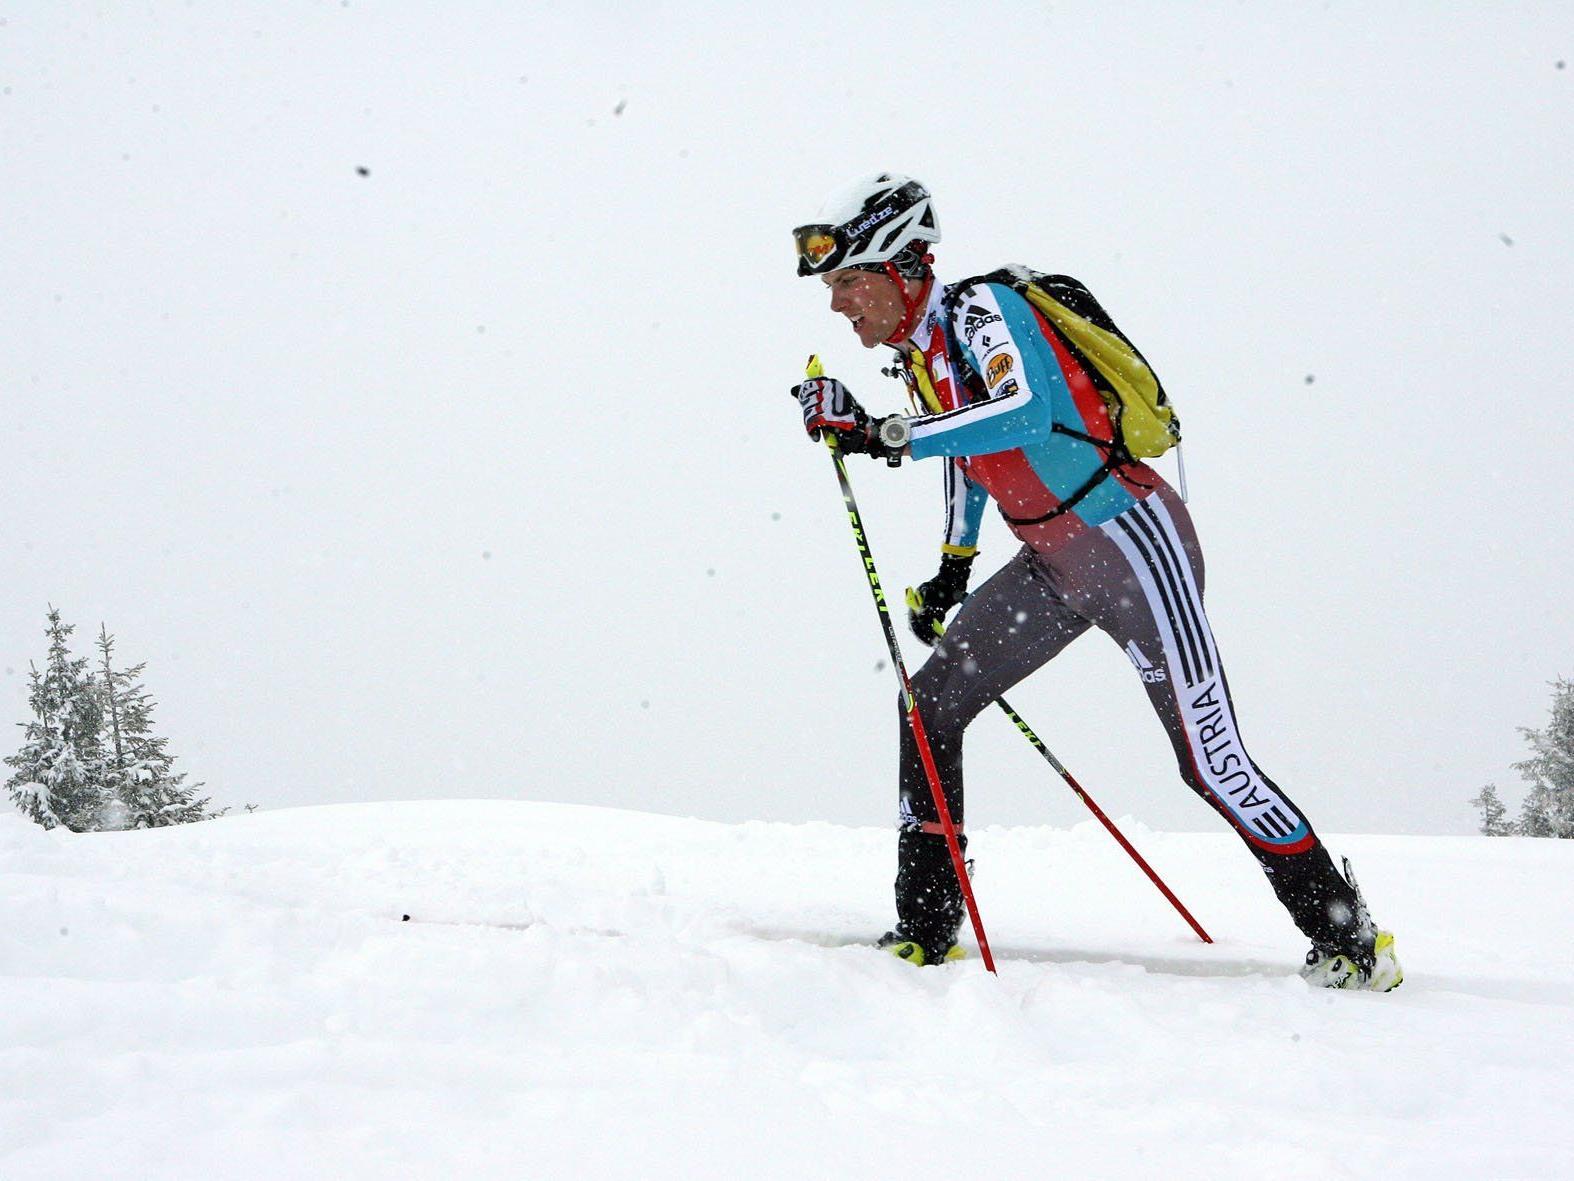 Der Montafoner Daniel Zugg hofft in der Schweiz im Weltcup auf eine gute Platzierung.